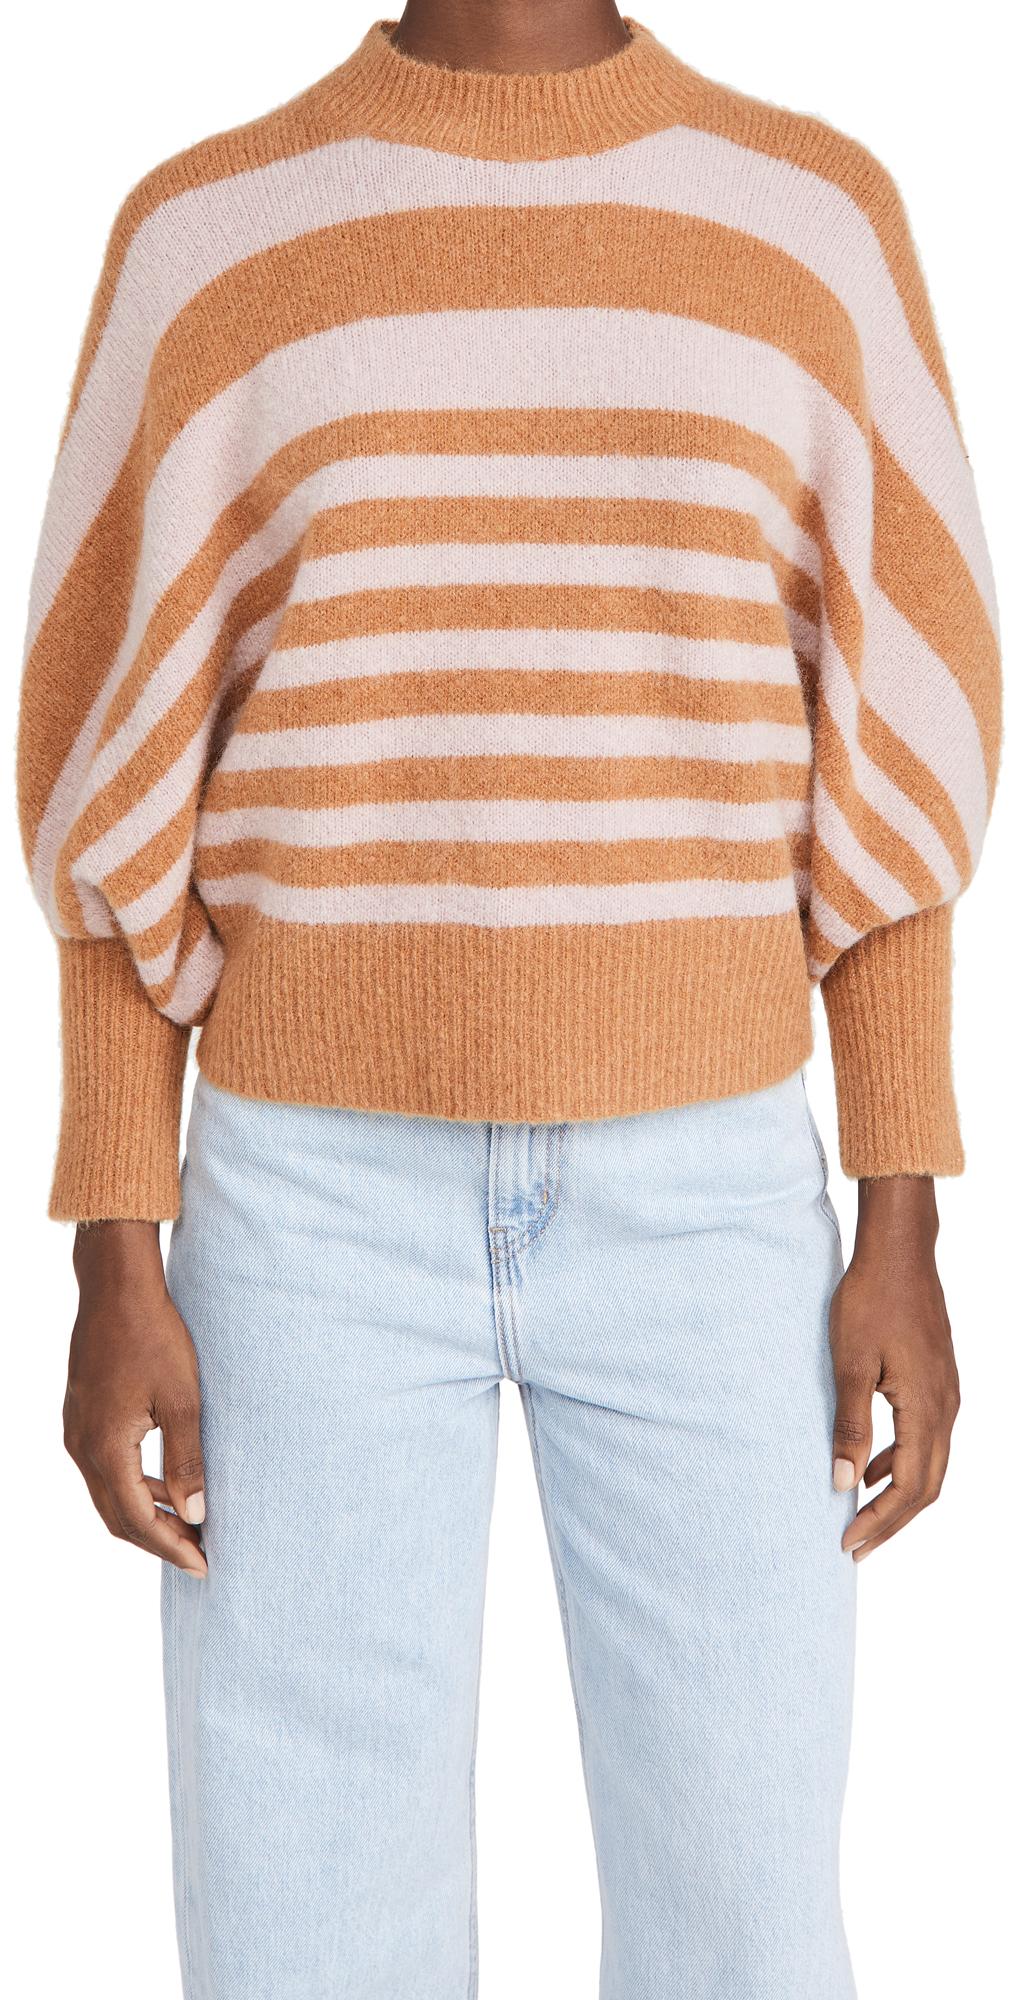 Zimmermann Ladybeetle Striped Sweater